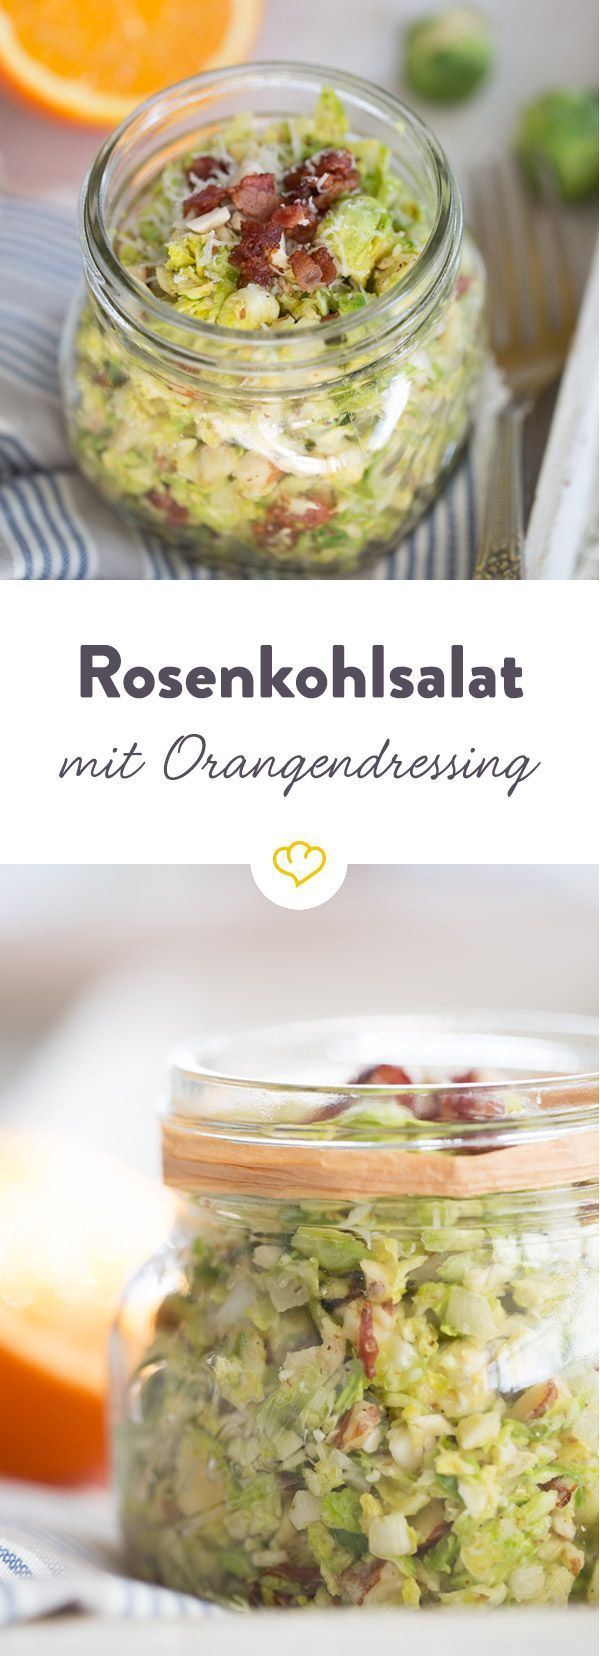 Schneller Rosenkohlsalat mit Orangendressing und Bacon